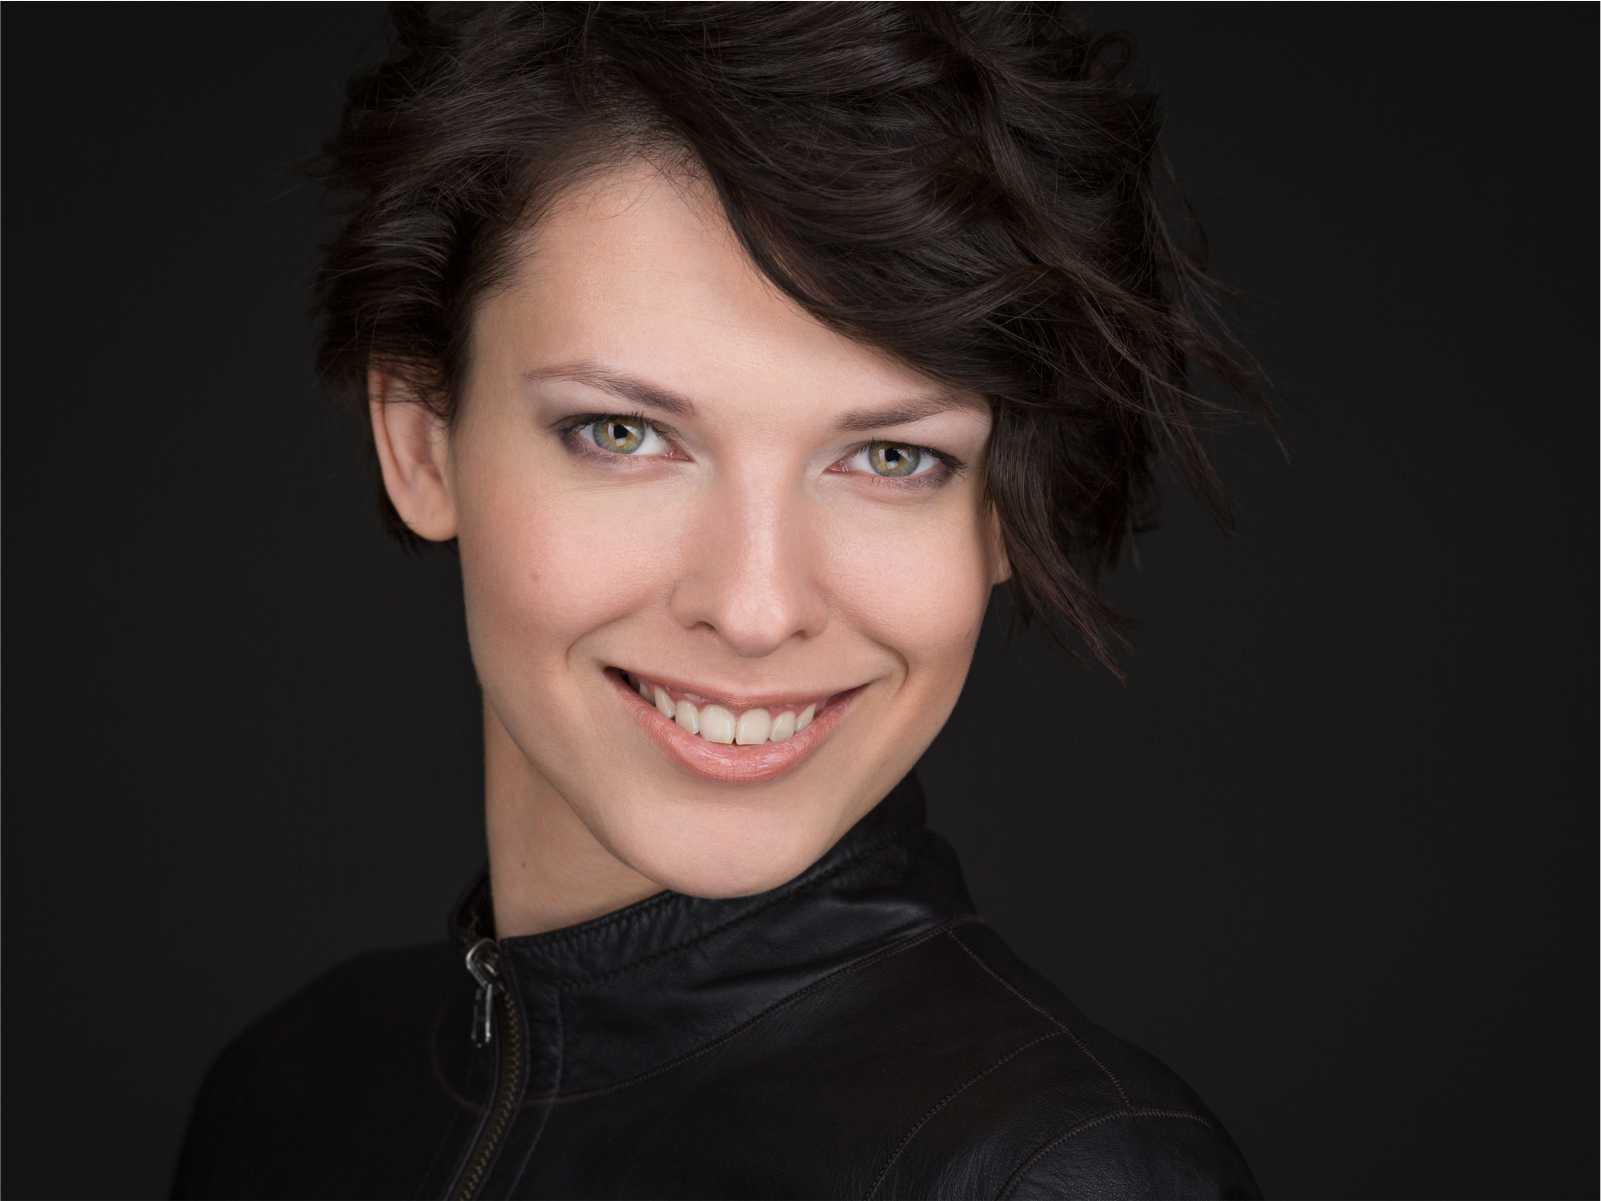 Анна Либер. Работа со СМИ. 5 шагов к бесплатным публикациям в известных СМИ